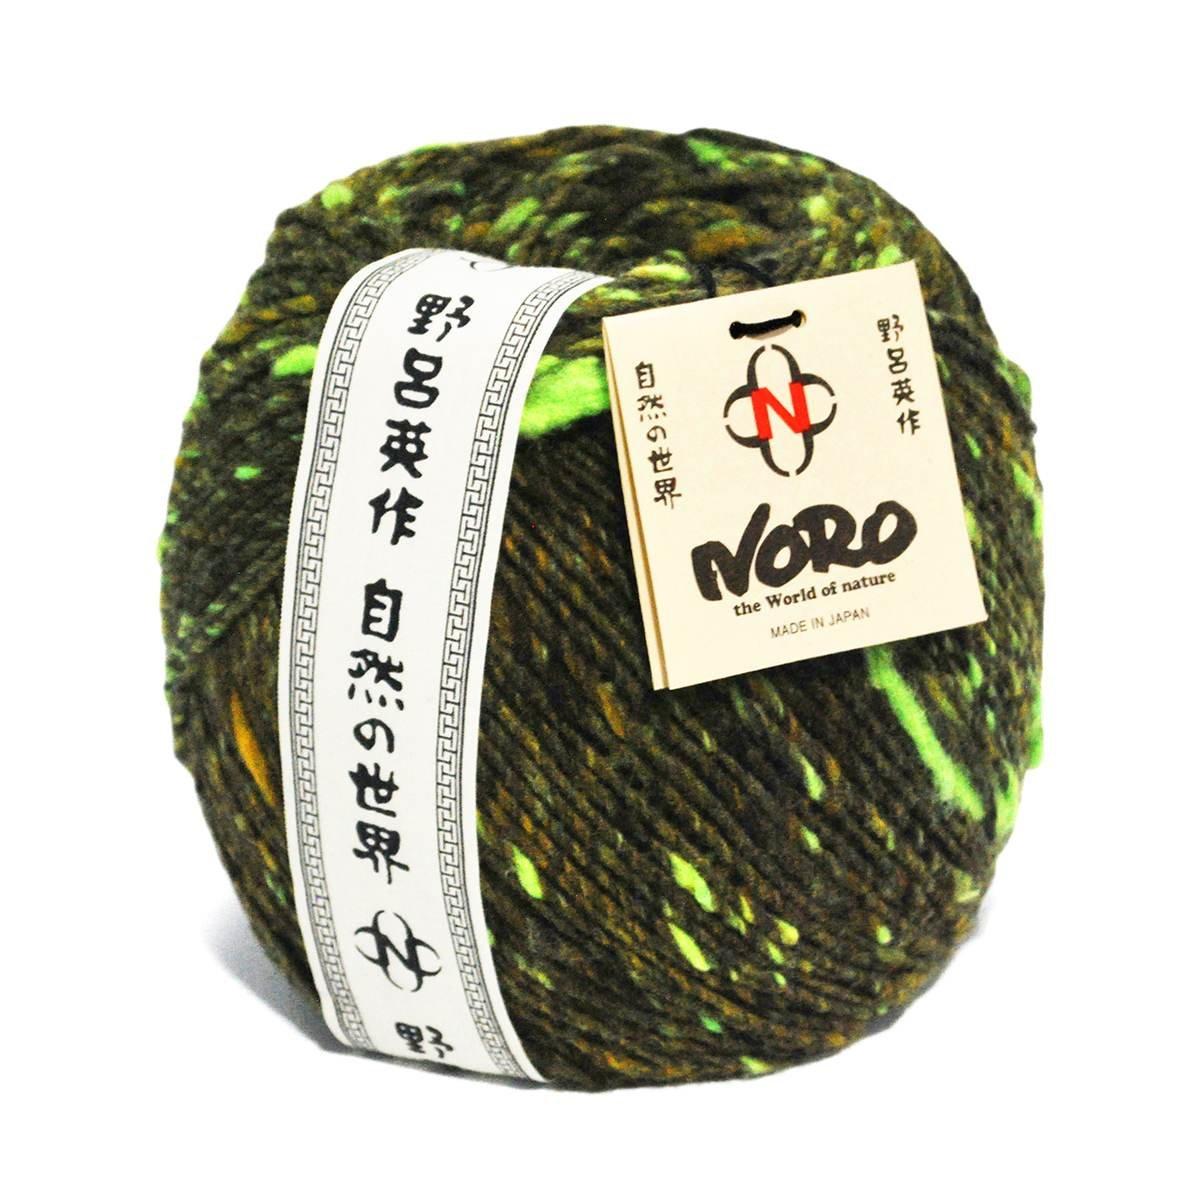 Tsuido by Noro Yarns